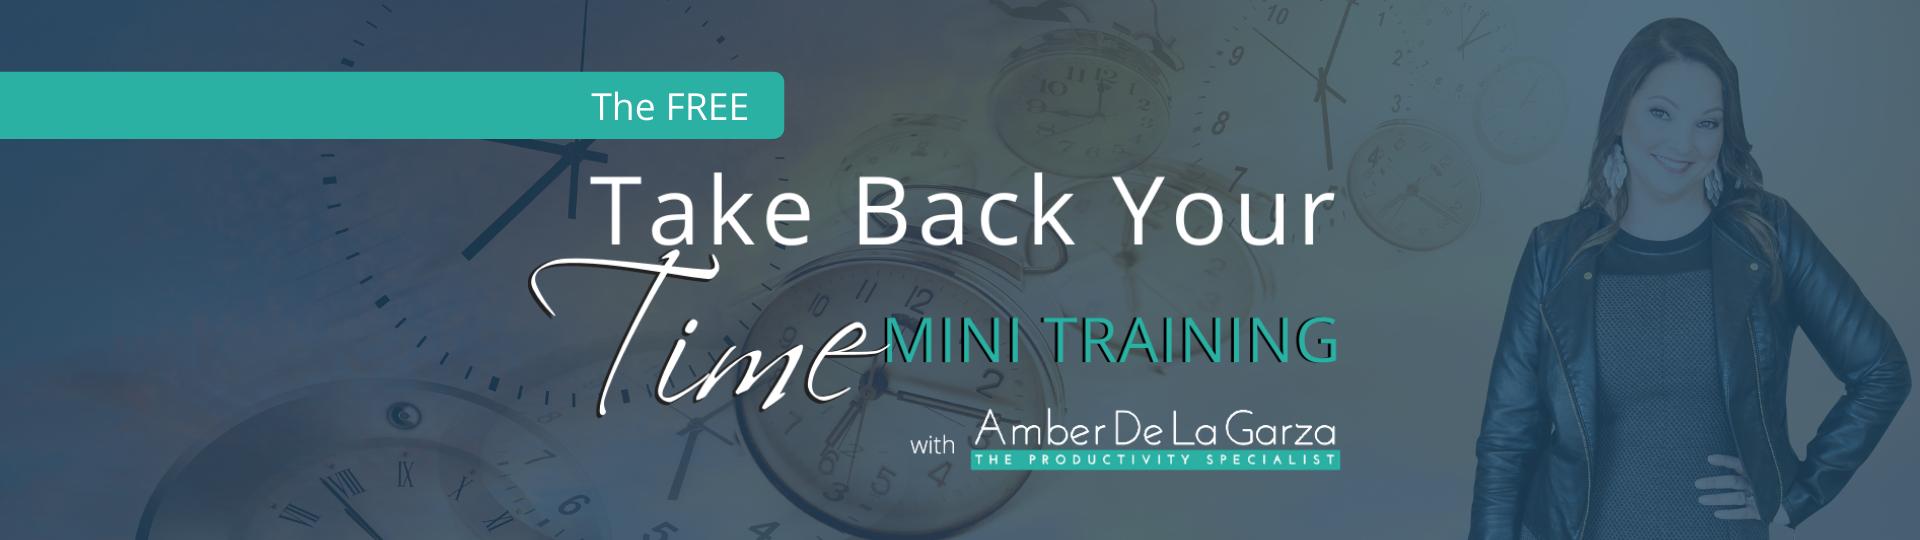 Take Back Your Time Mini Training